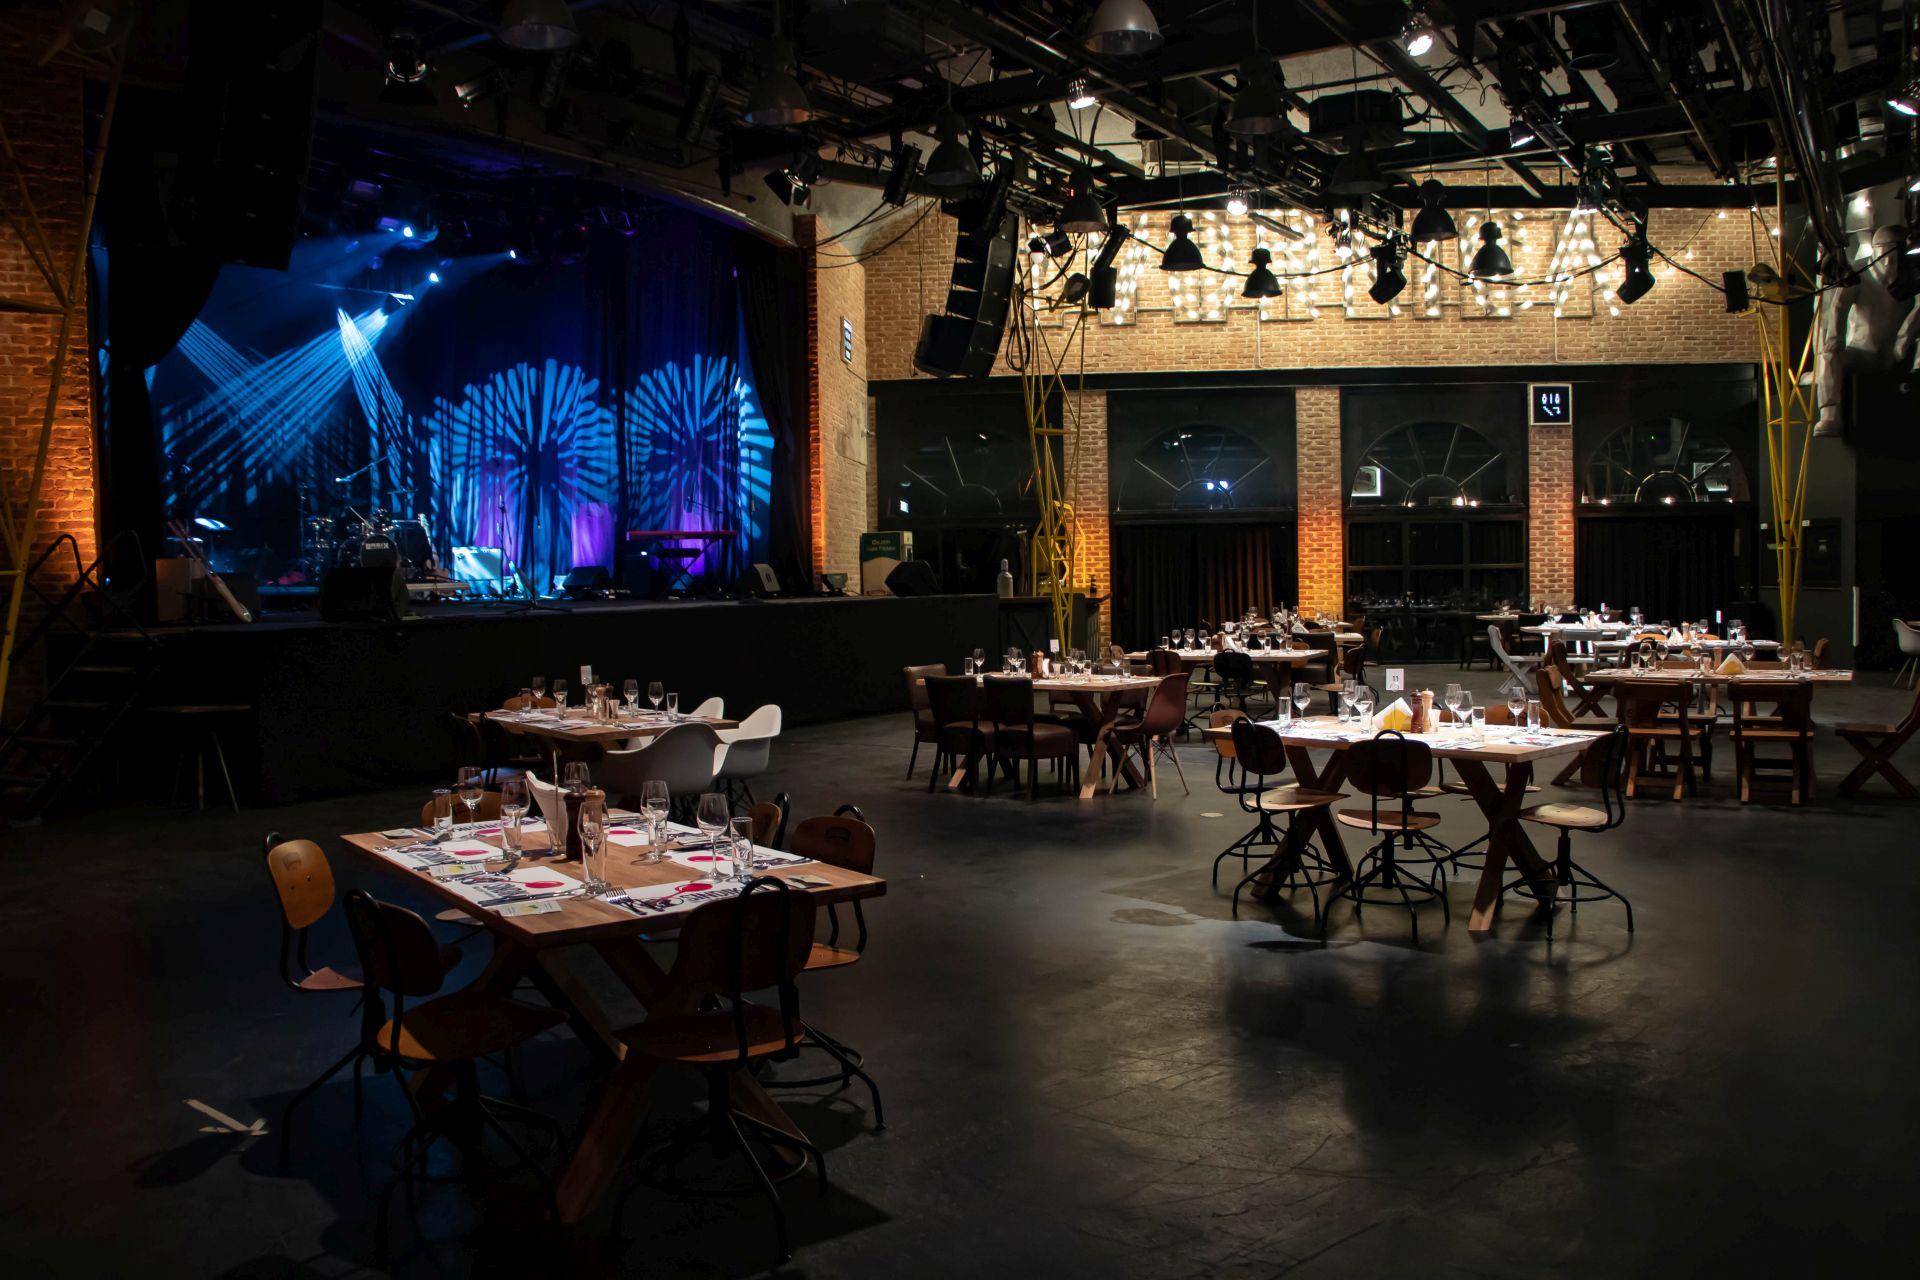 Brojni poznati uživali u spoju glazbe i gastronomije. Otvoren je Sindikat Food Club!